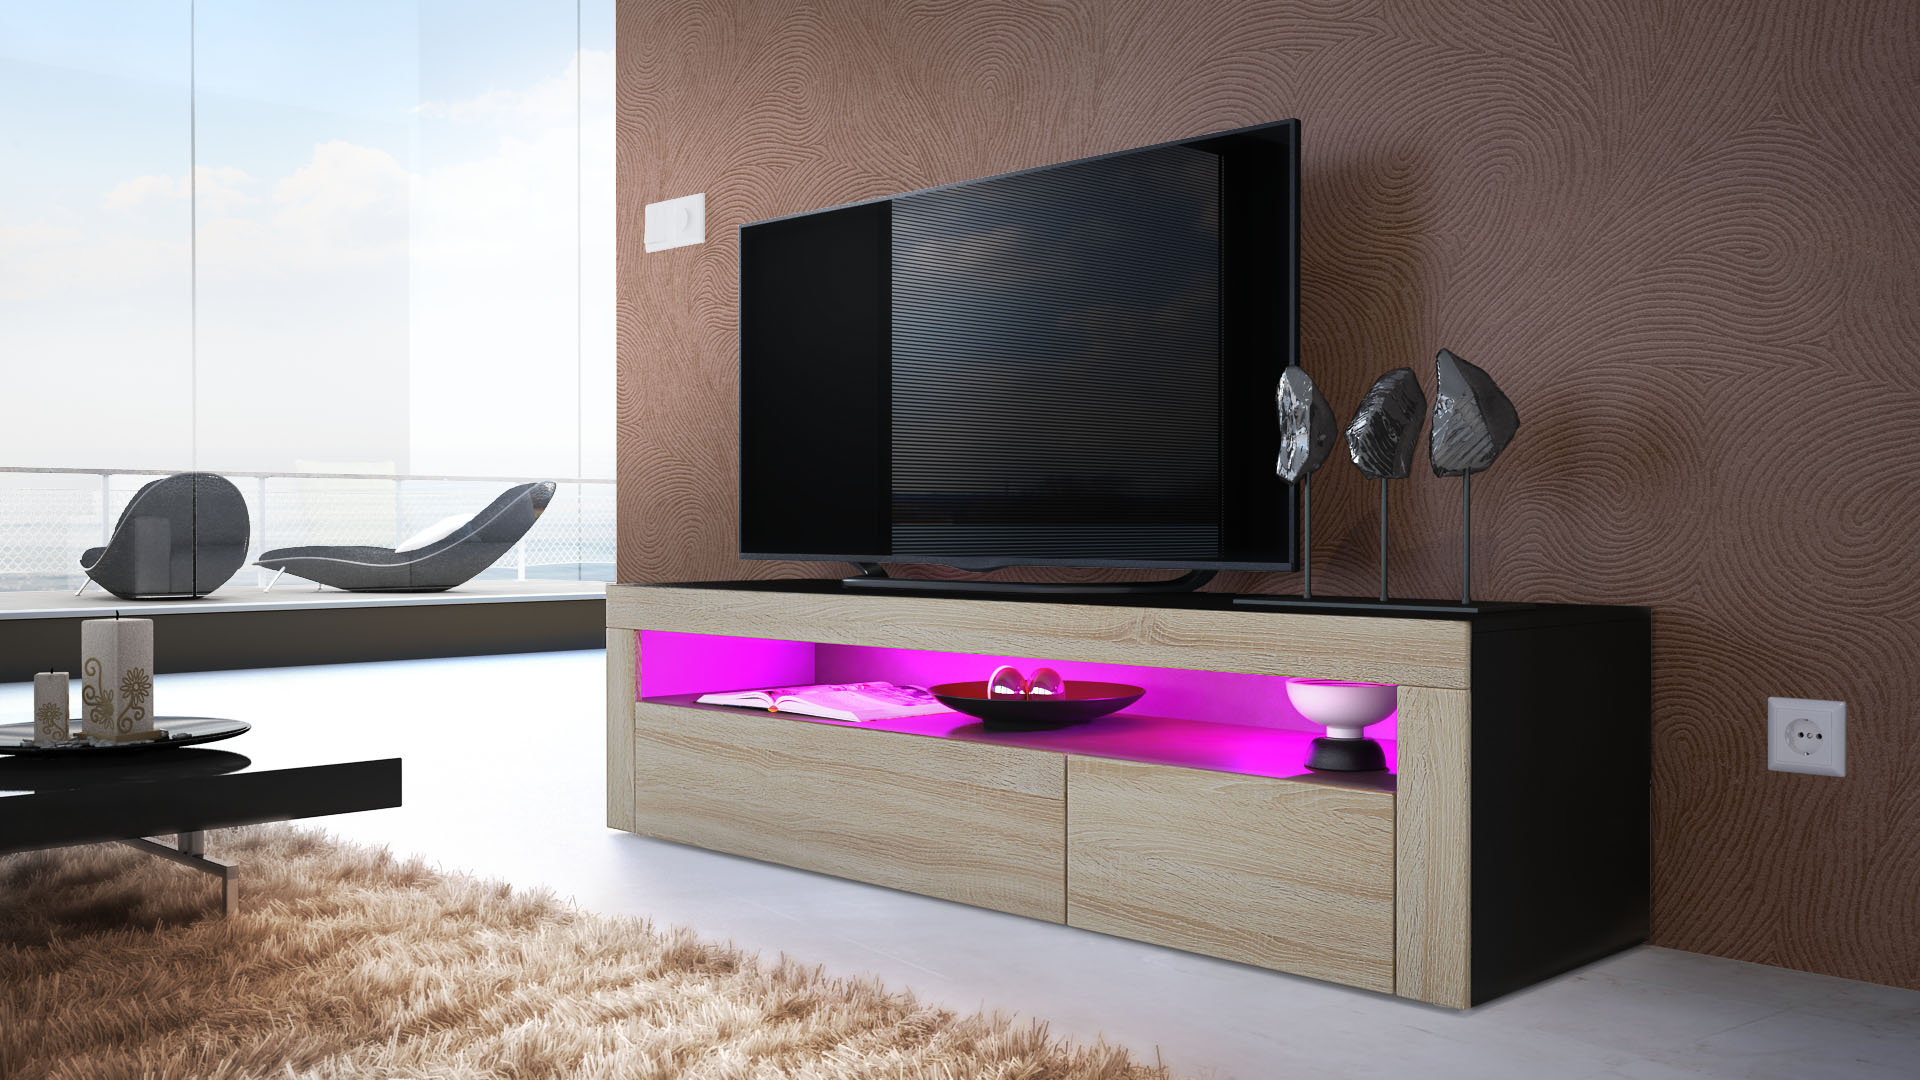 Armoire basse meuble tv valencia en noir fa ades en for Armoire meuble tv